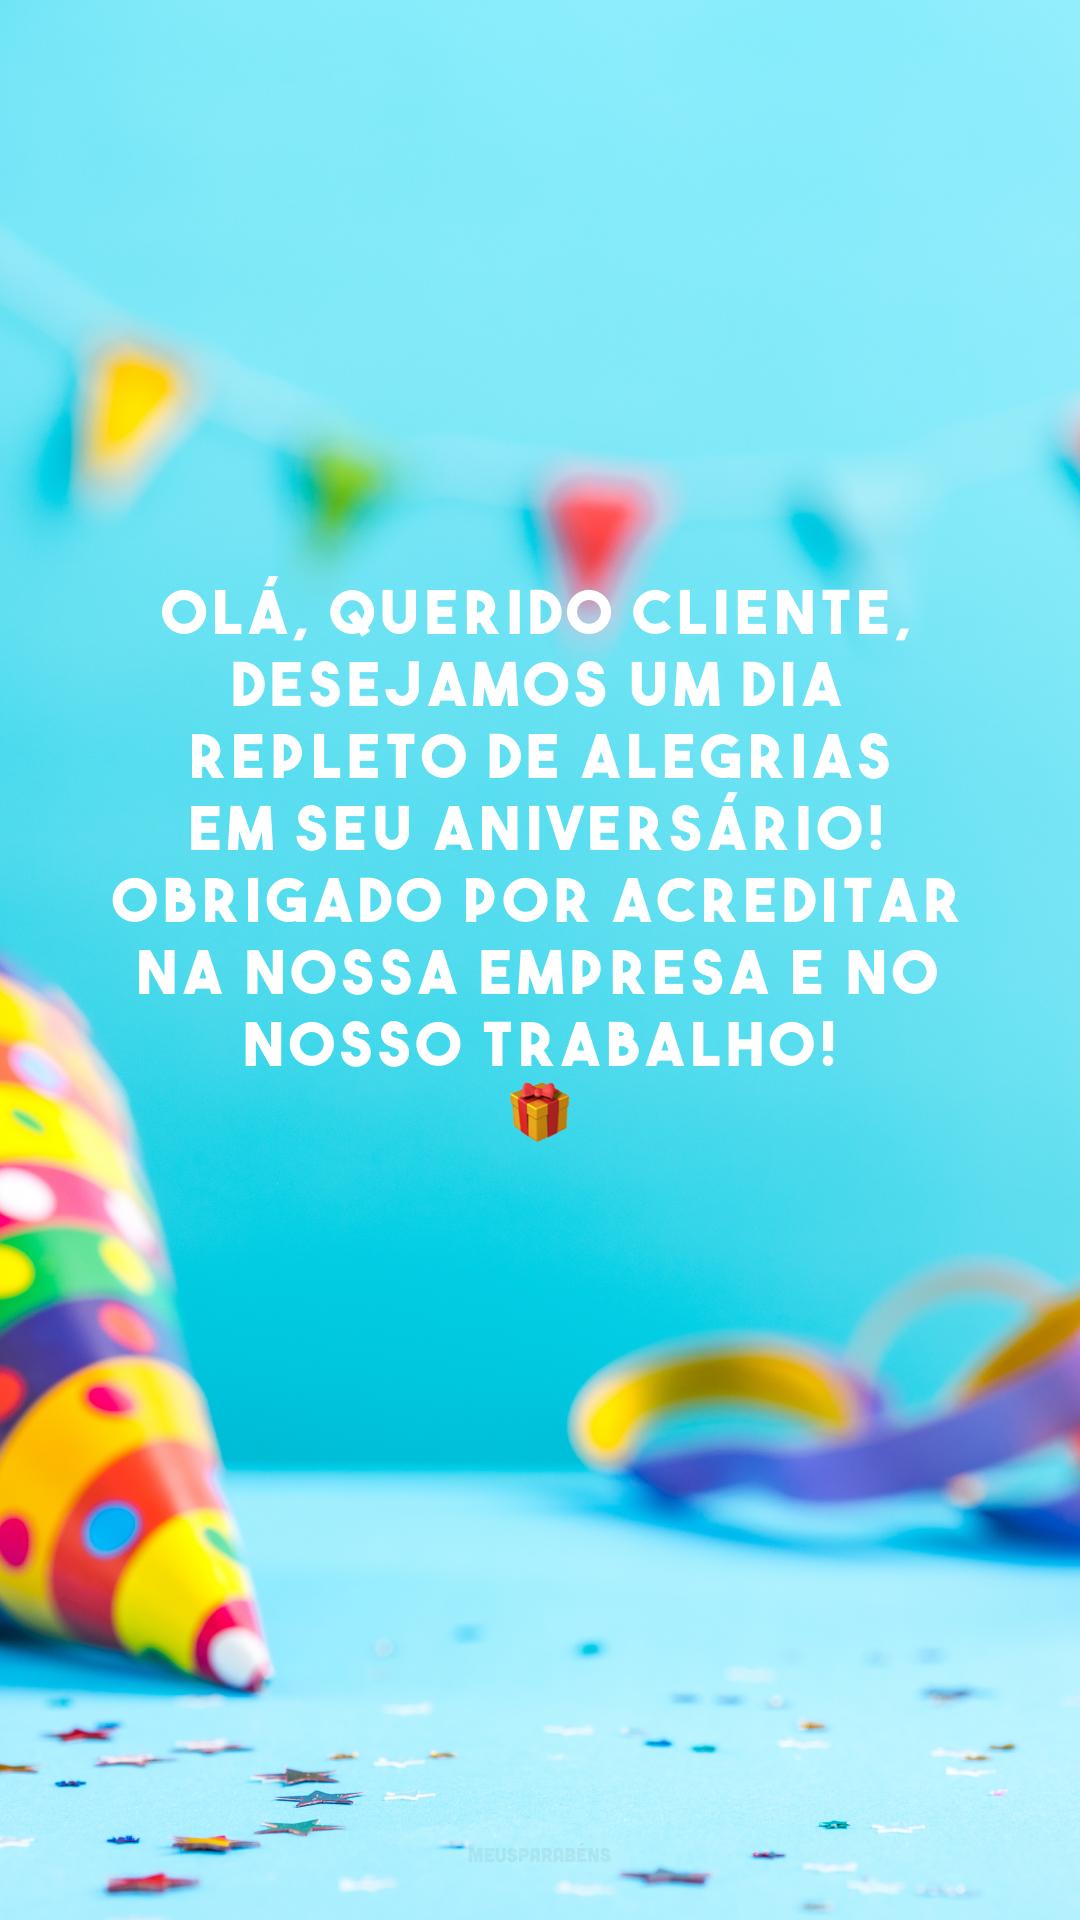 Olá, querido cliente, desejamos um dia repleto de alegrias em seu aniversário! Obrigado por acreditar na nossa empresa e no nosso trabalho! 🎁